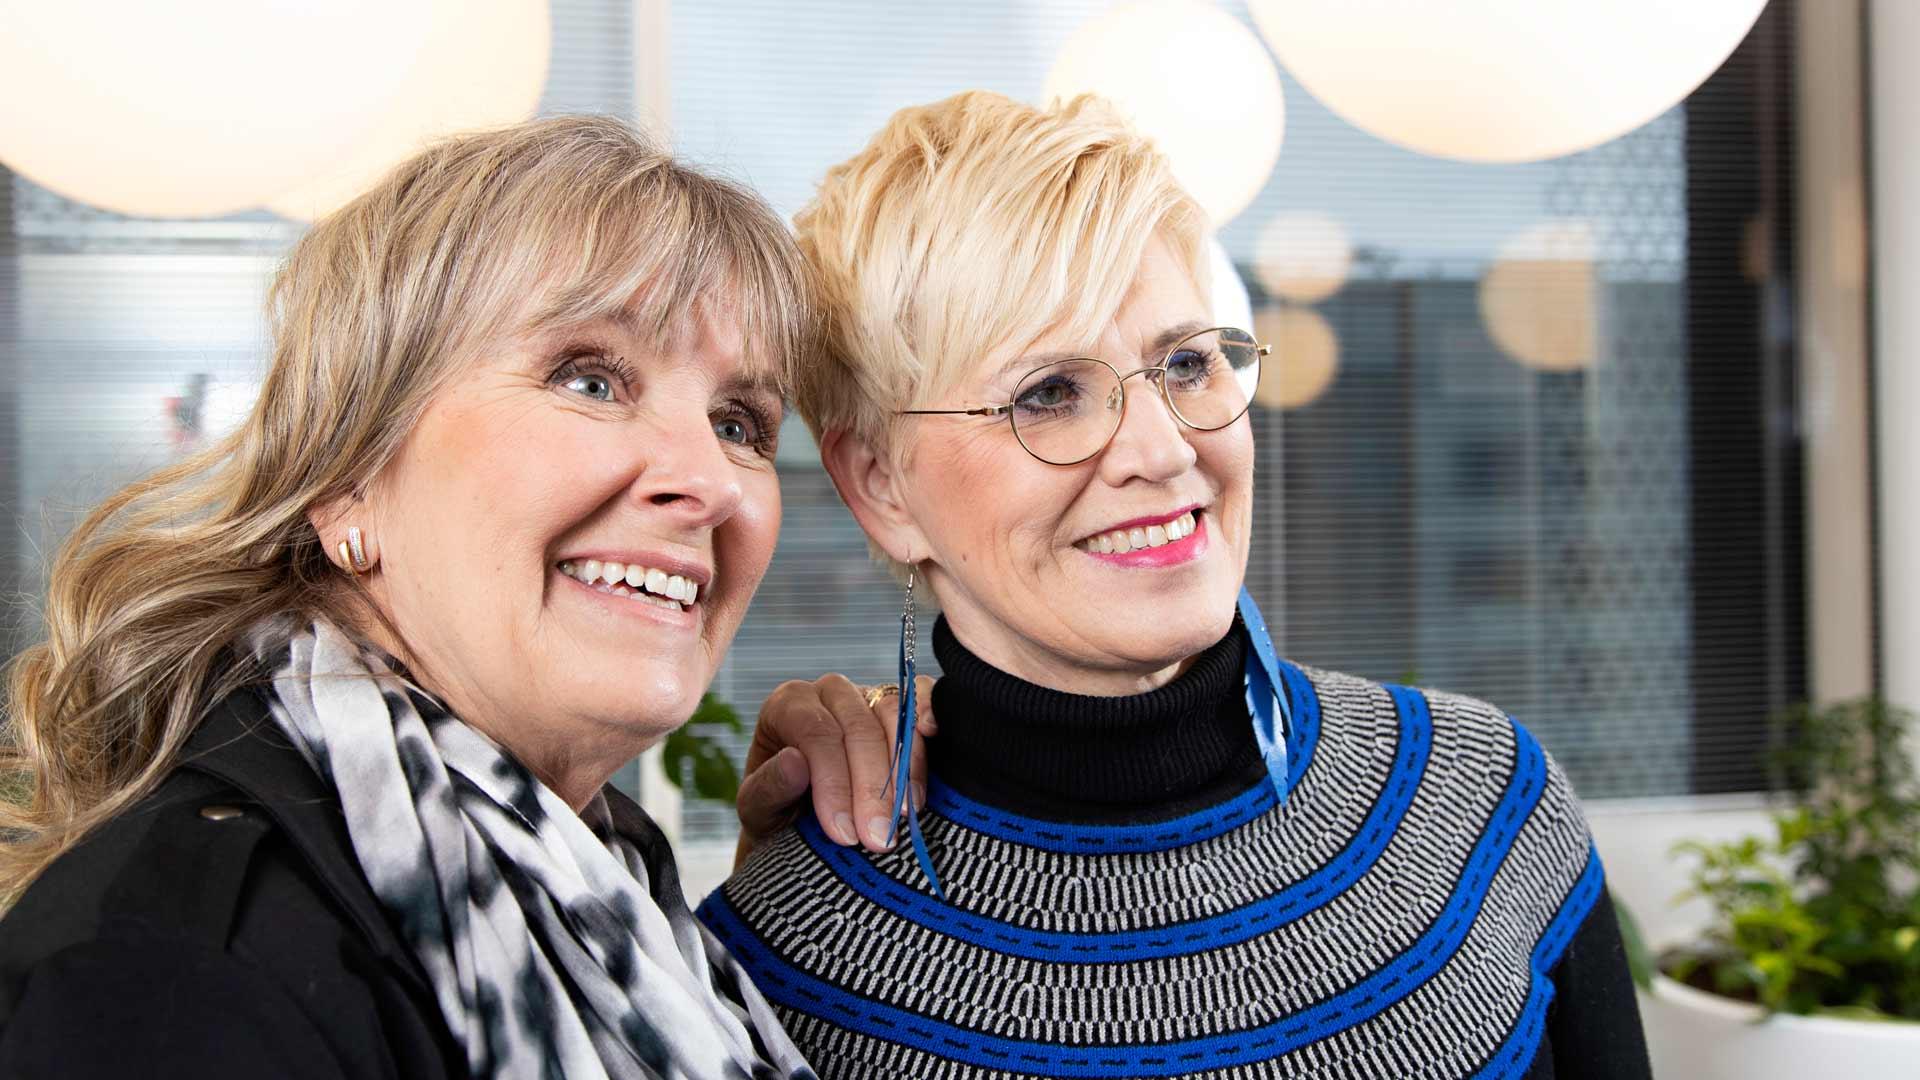 Mikä sääilmiö? Pia: Lea Saukkonen olisi vakaasti puhaltava tuuli. Lea on sitkeä ja päättäväinen. Lea: Pia Viitikko olisi ukkonen. Varmasti kaikki meteorologit rakastavat jylhää ja kaunista ukkosta. Pia on kaunis ihminen.